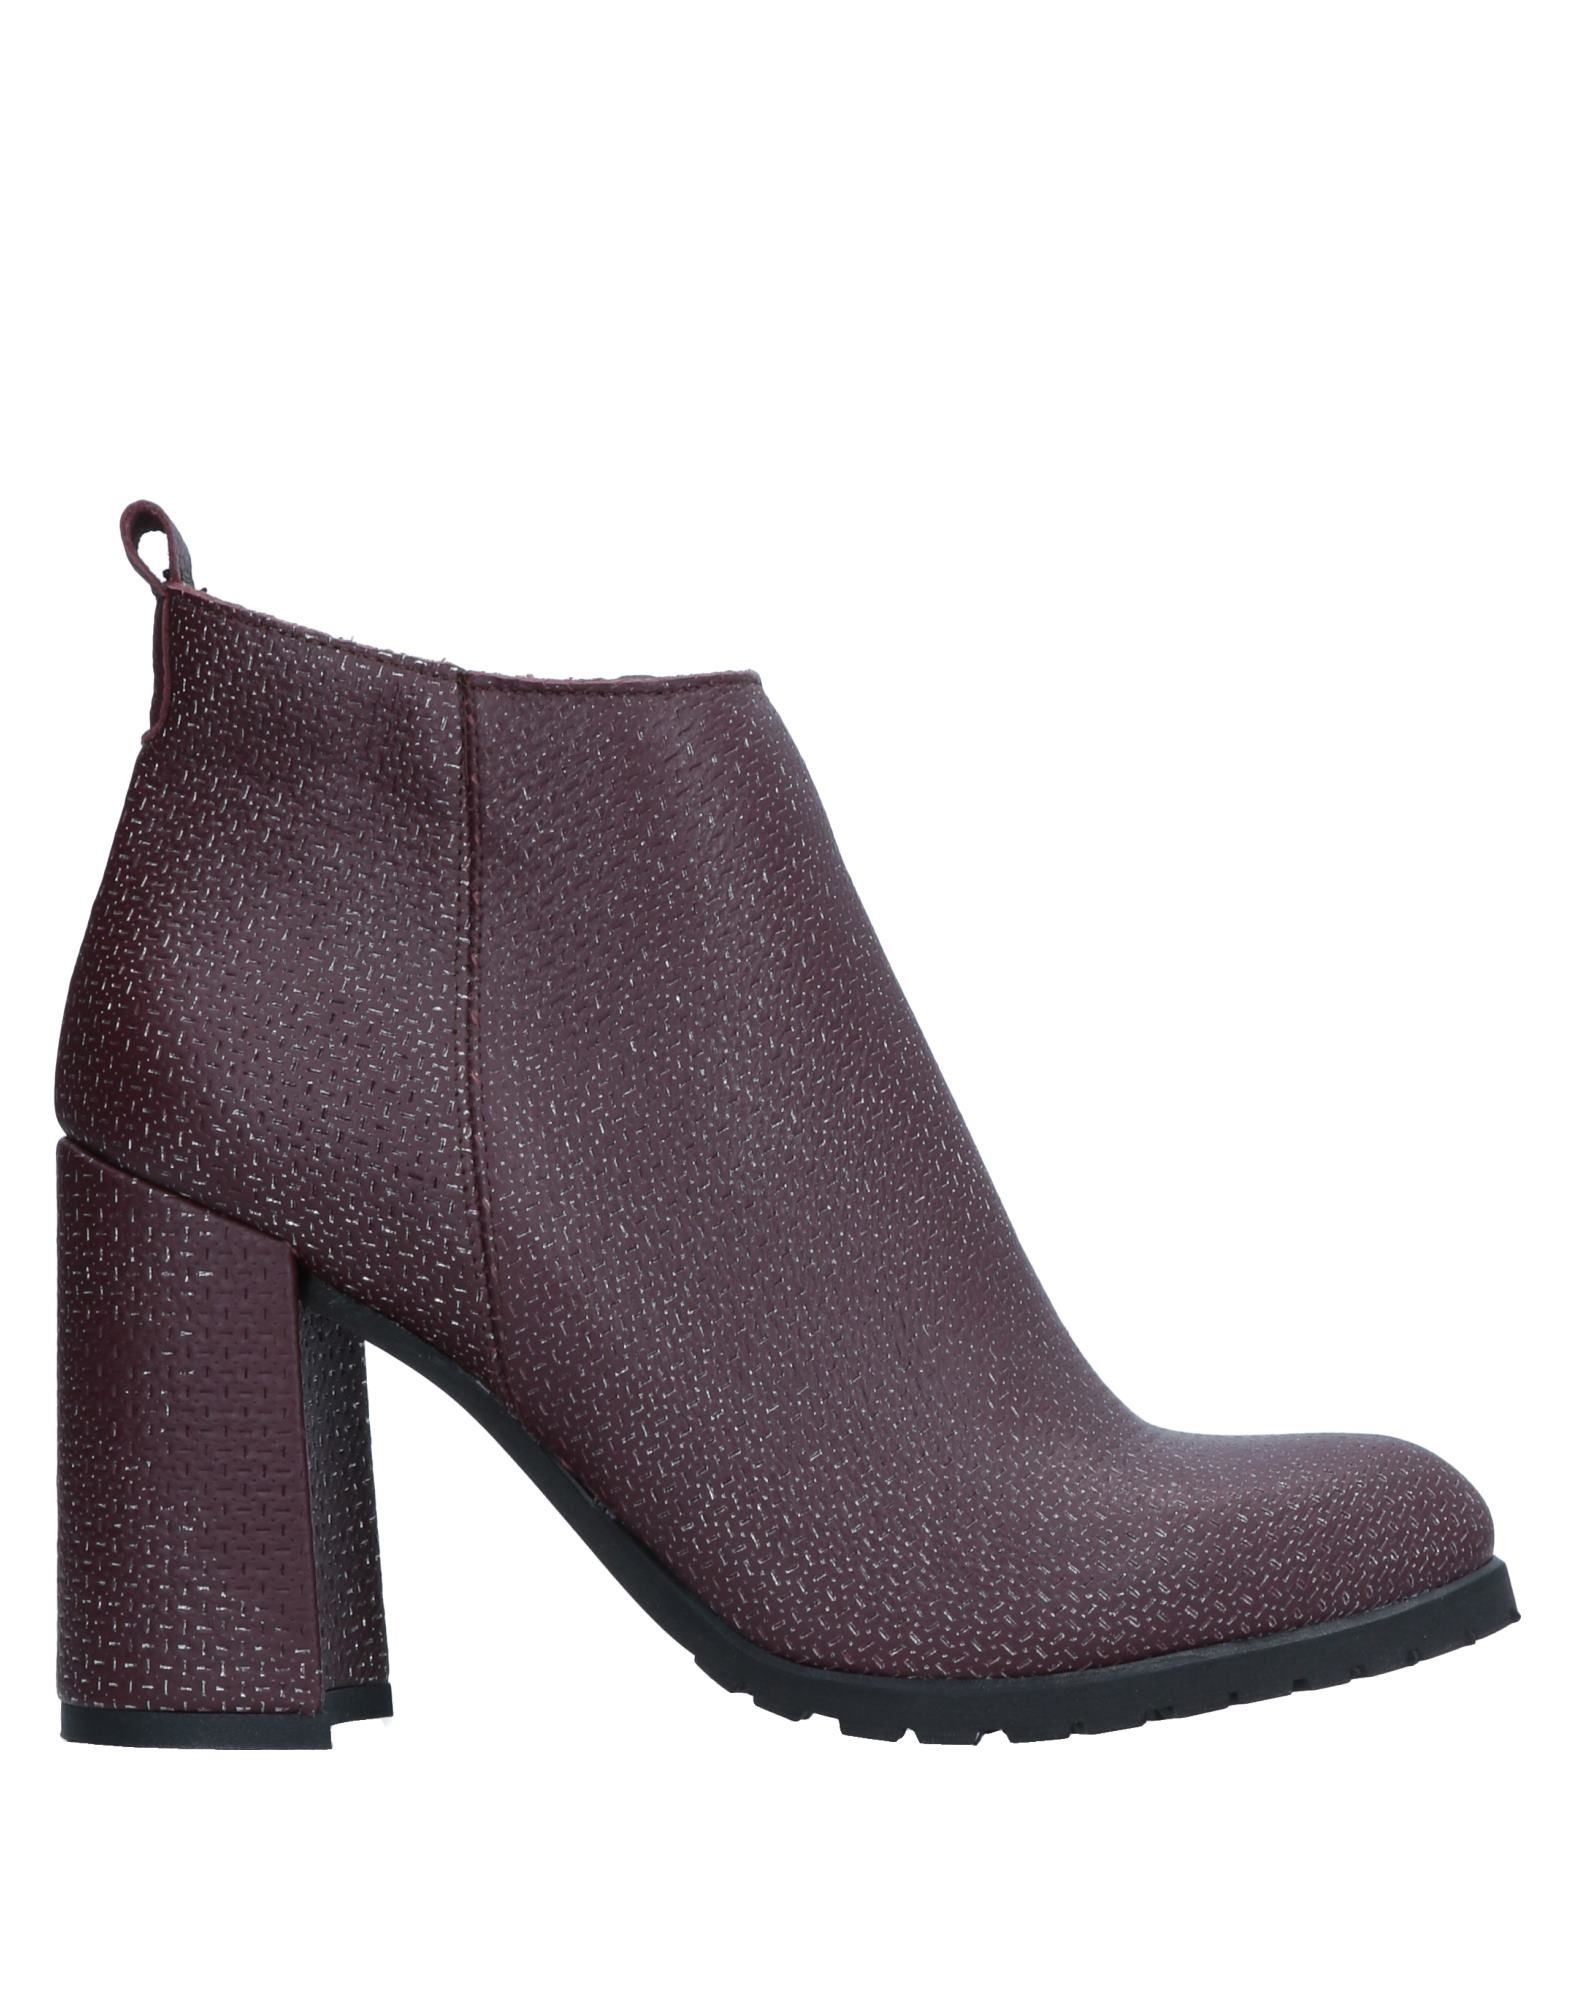 Unlace Gute Stiefelette Damen  11537698NN Gute Unlace Qualität beliebte Schuhe d58a5e